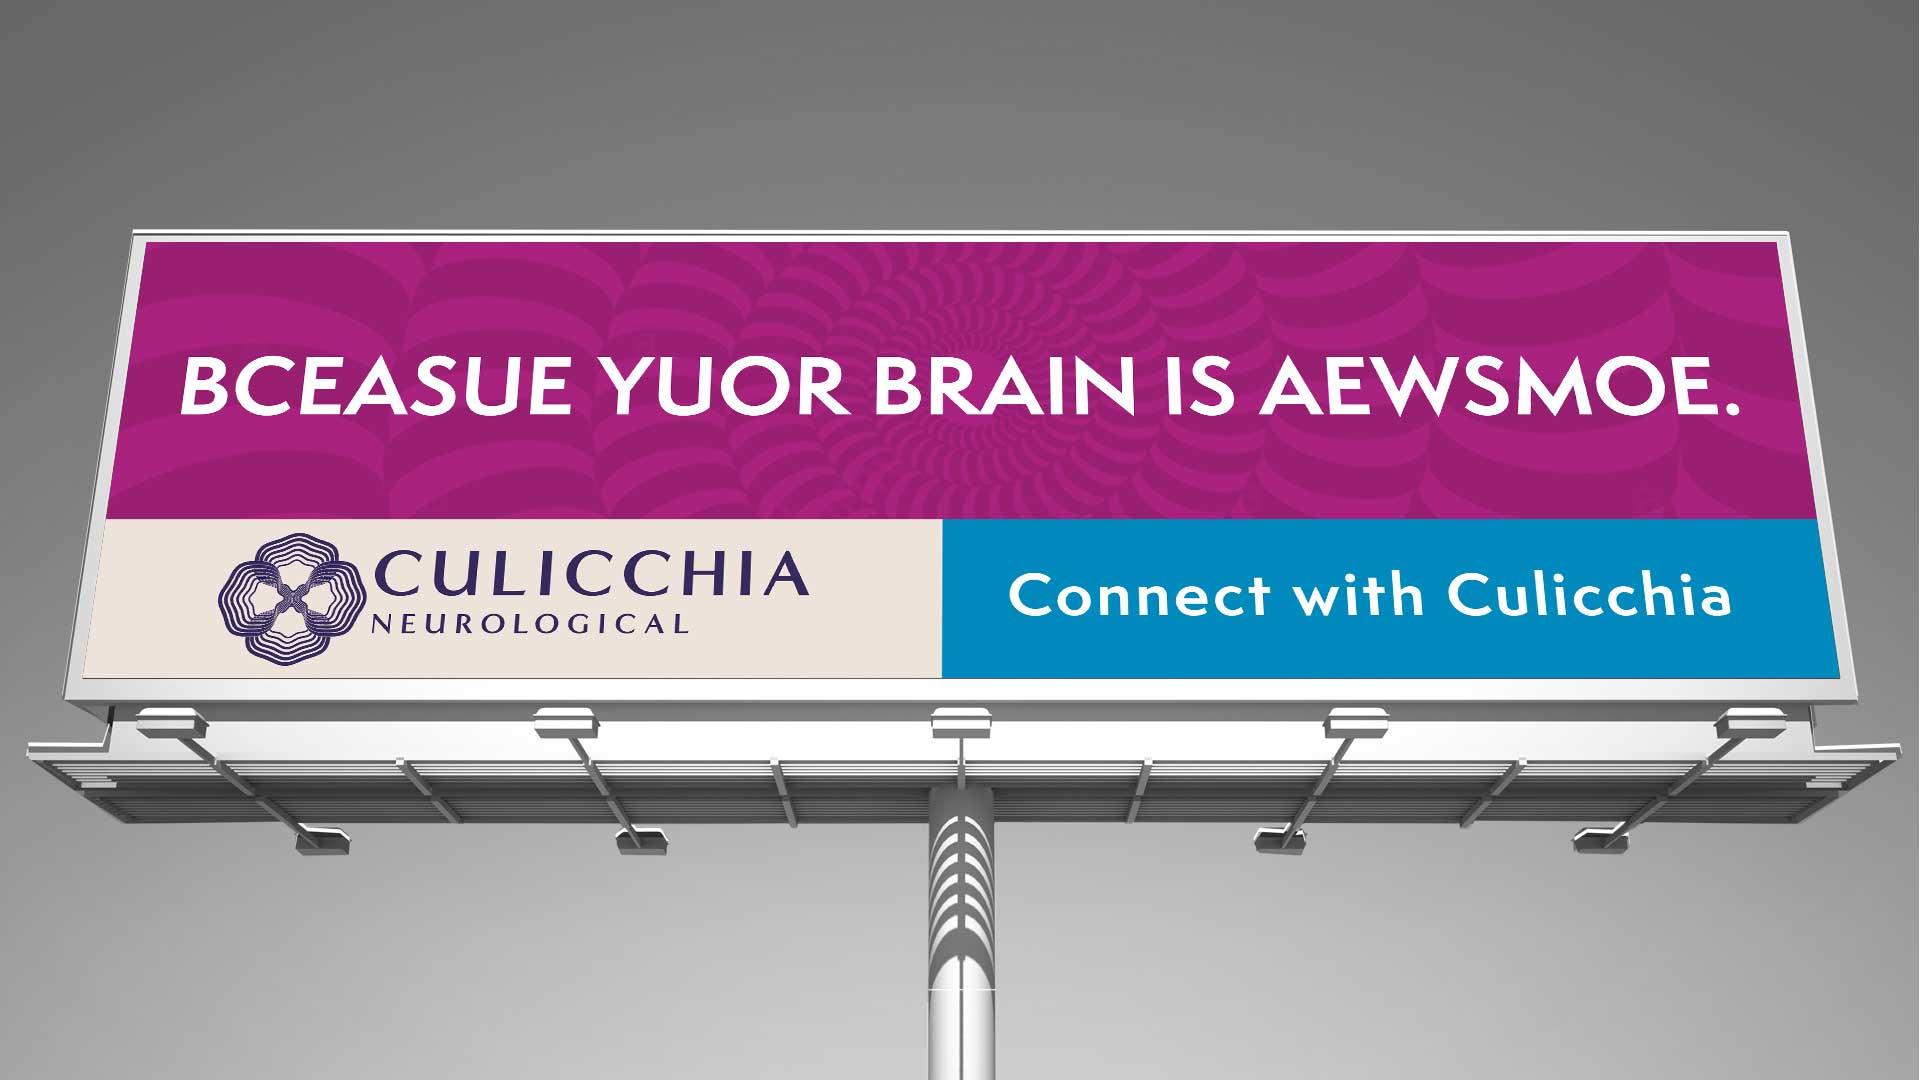 Brand_Society_Culicchia_Neurological_OOH_BCEASUE